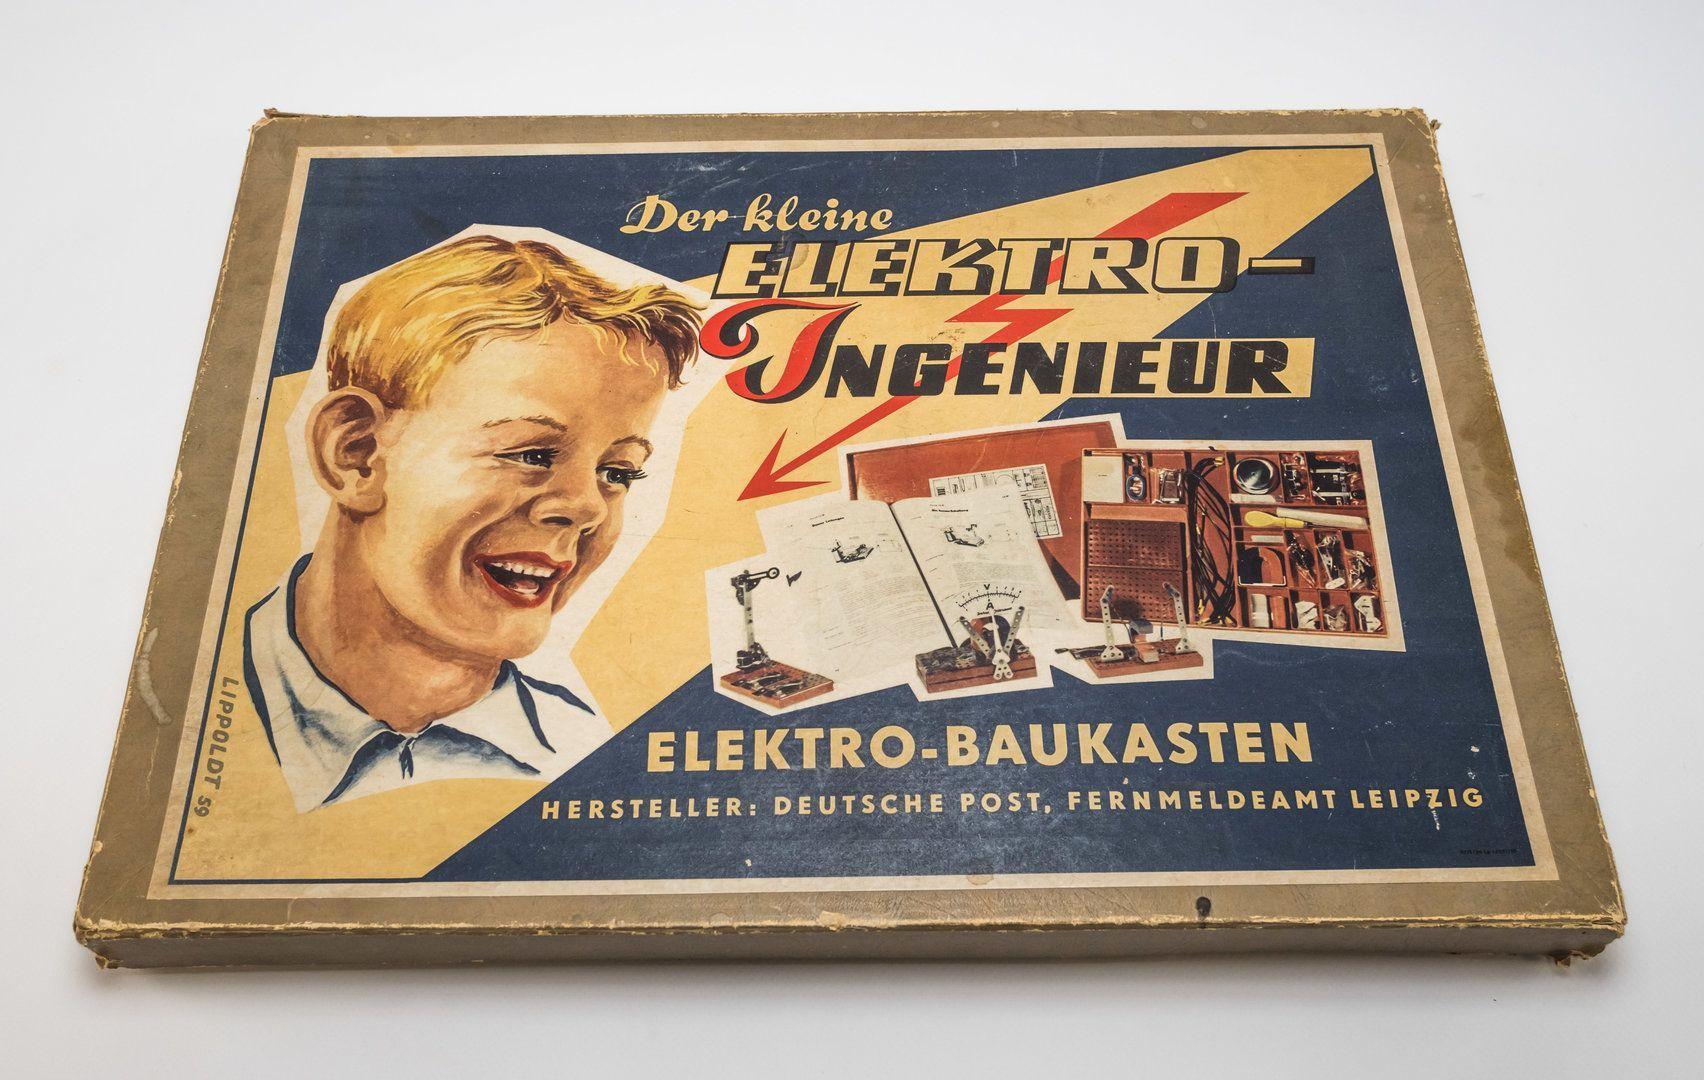 Ddr Museum Museum Objektdatenbank Der Kleiner Elektro Ingenieur Copyright Ddr Museum Berlin Eine Kommerzielle Nutzung De Art Museum Book Cover Museum